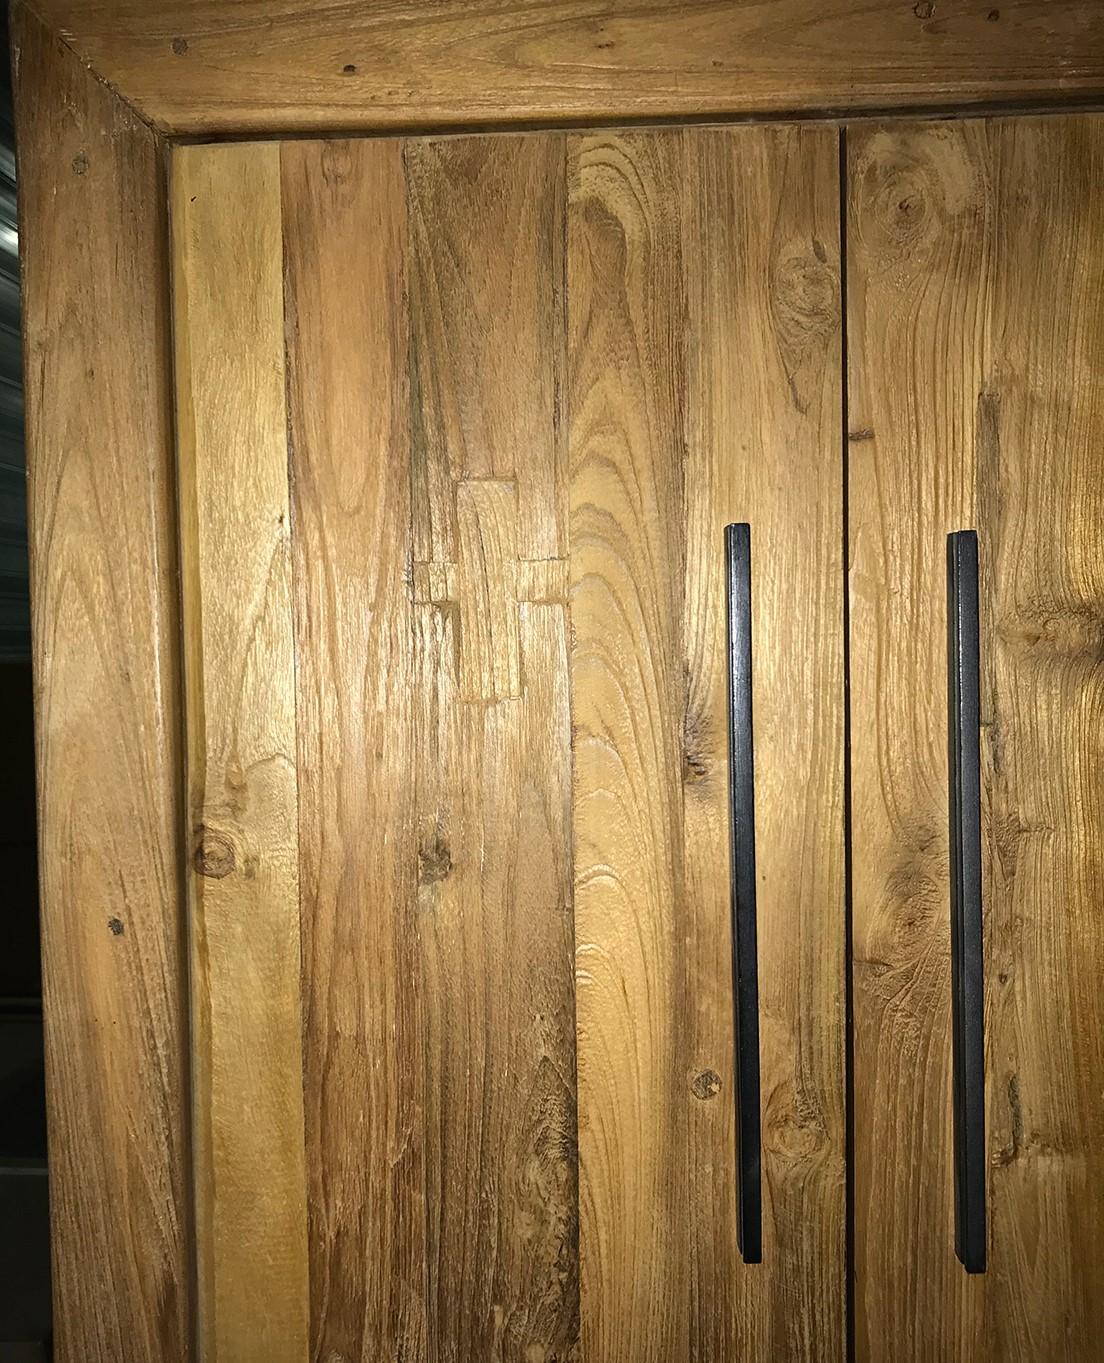 colonne buffet haut en teck massif naturel recycle 2 portes 3 tiroirs 1 niche 80x41x200cm kerala